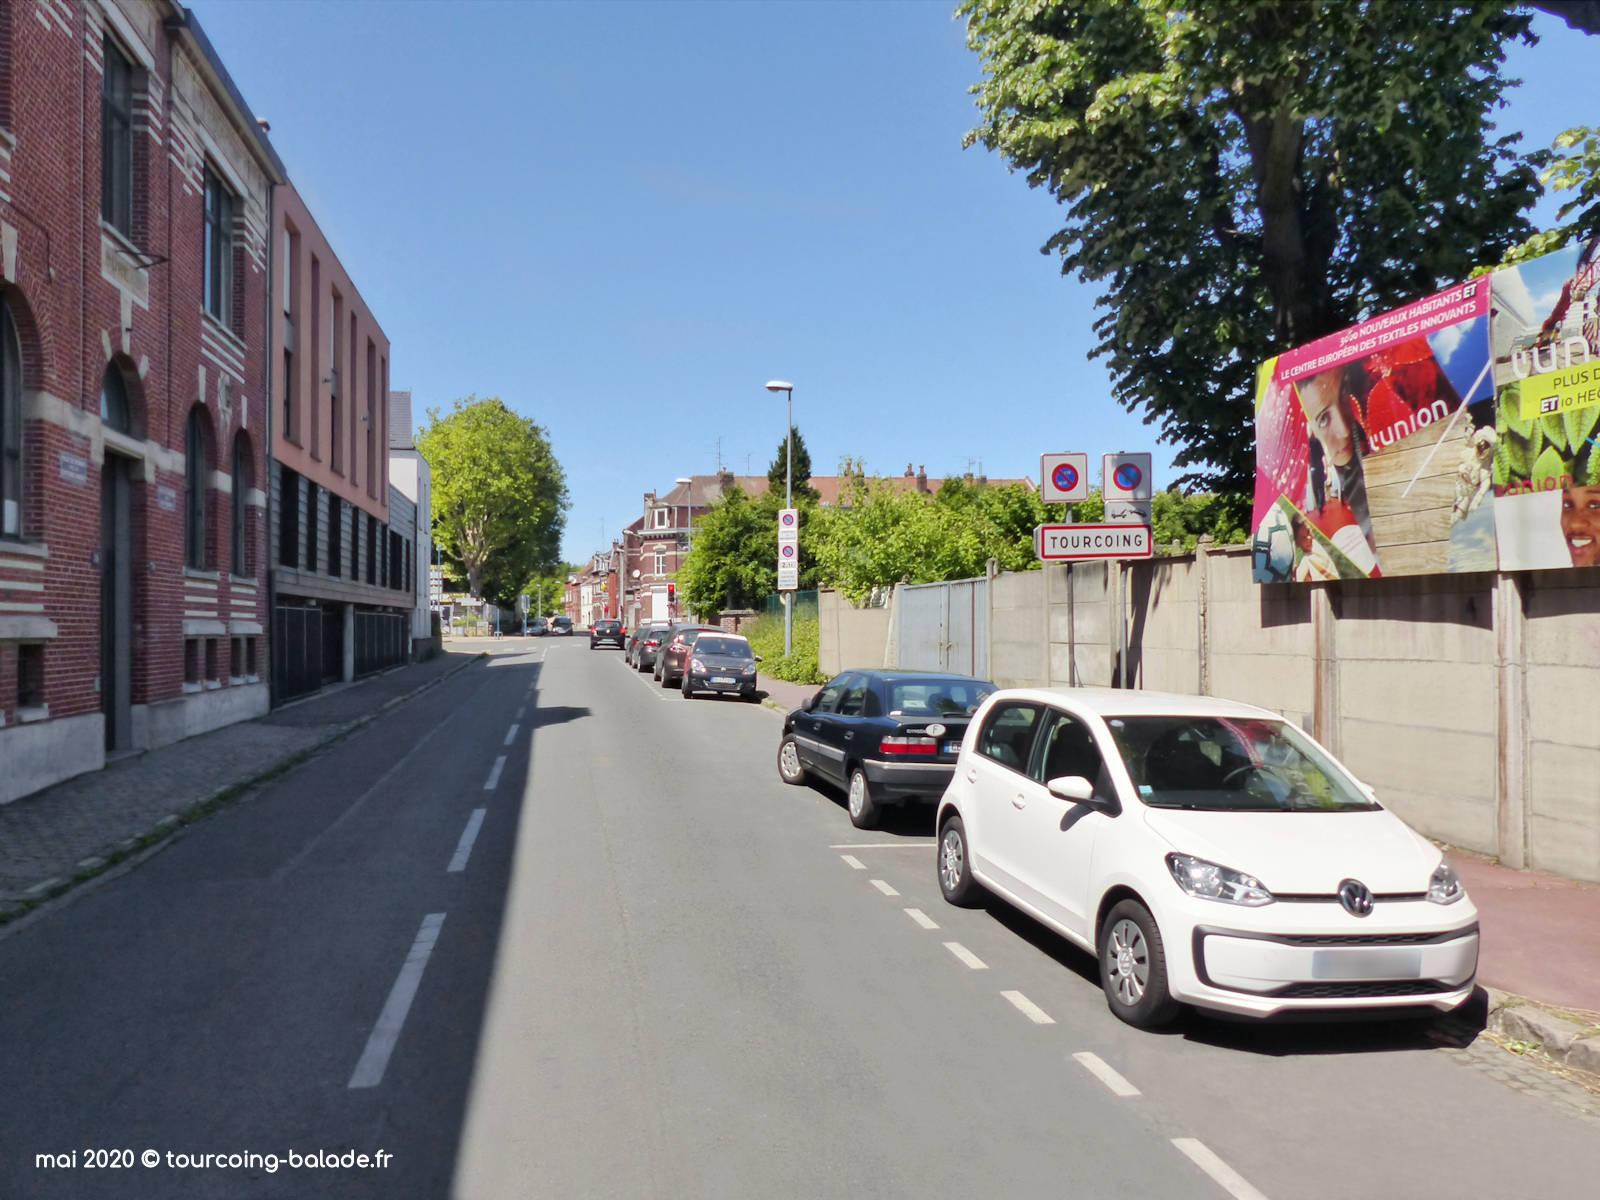 Rue du Fresnoy, Tourcoing 2020